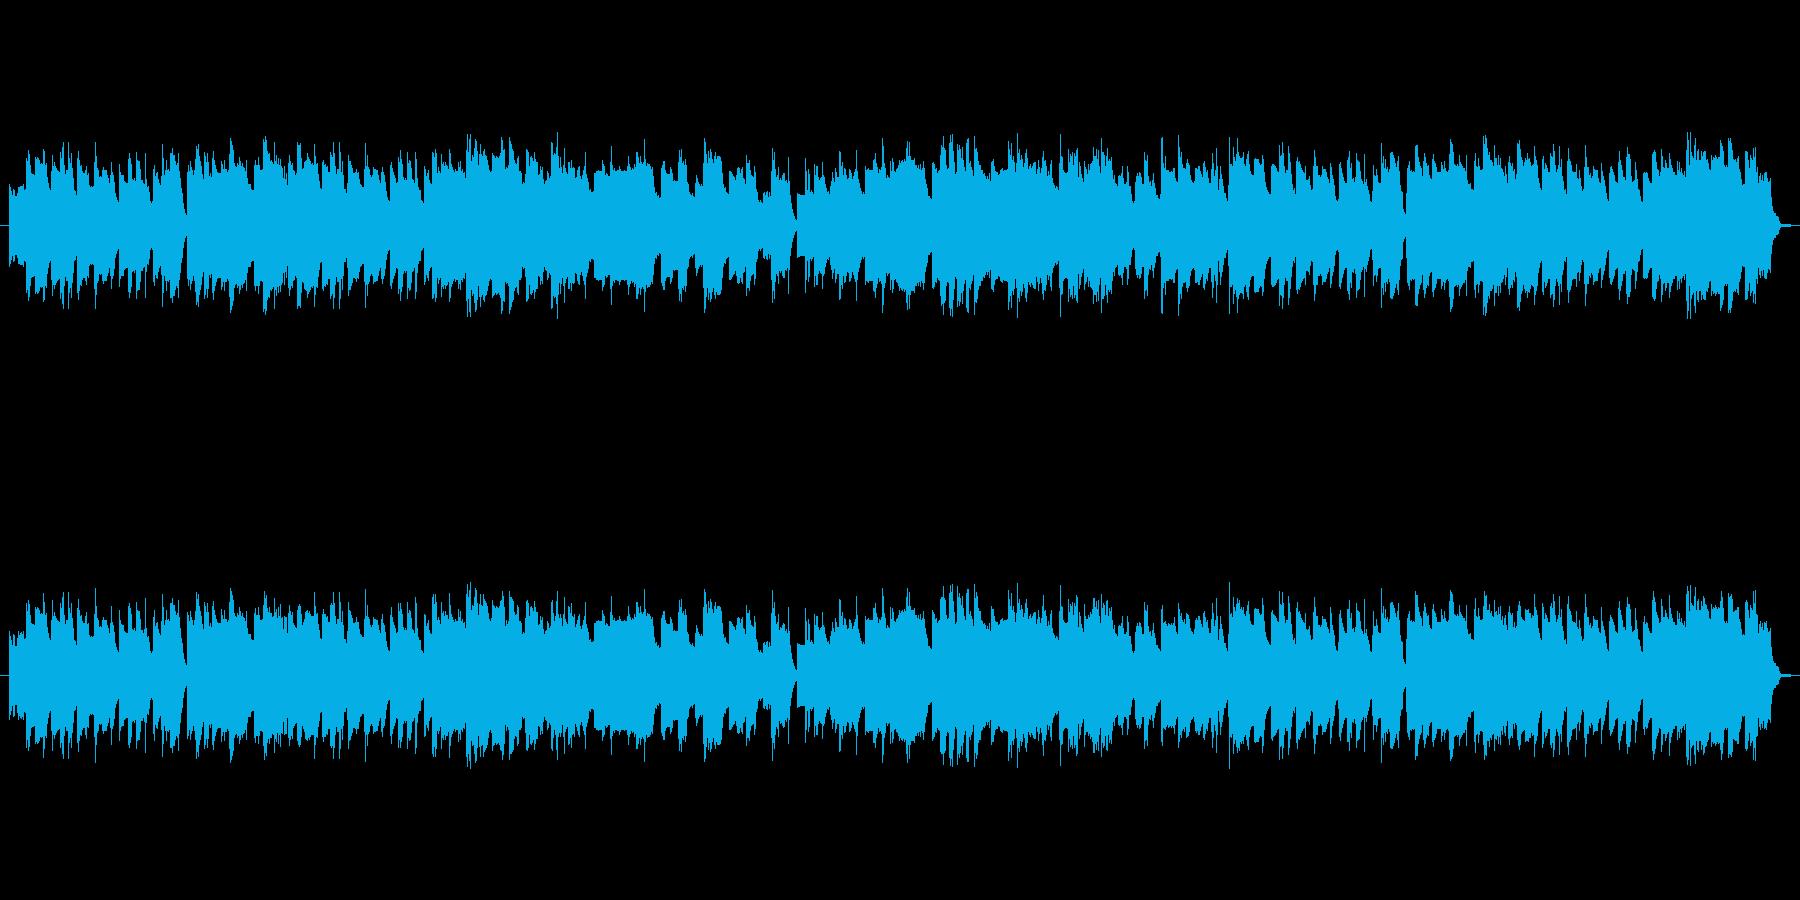 ファミコン風レトロタイトル画面-ポップの再生済みの波形